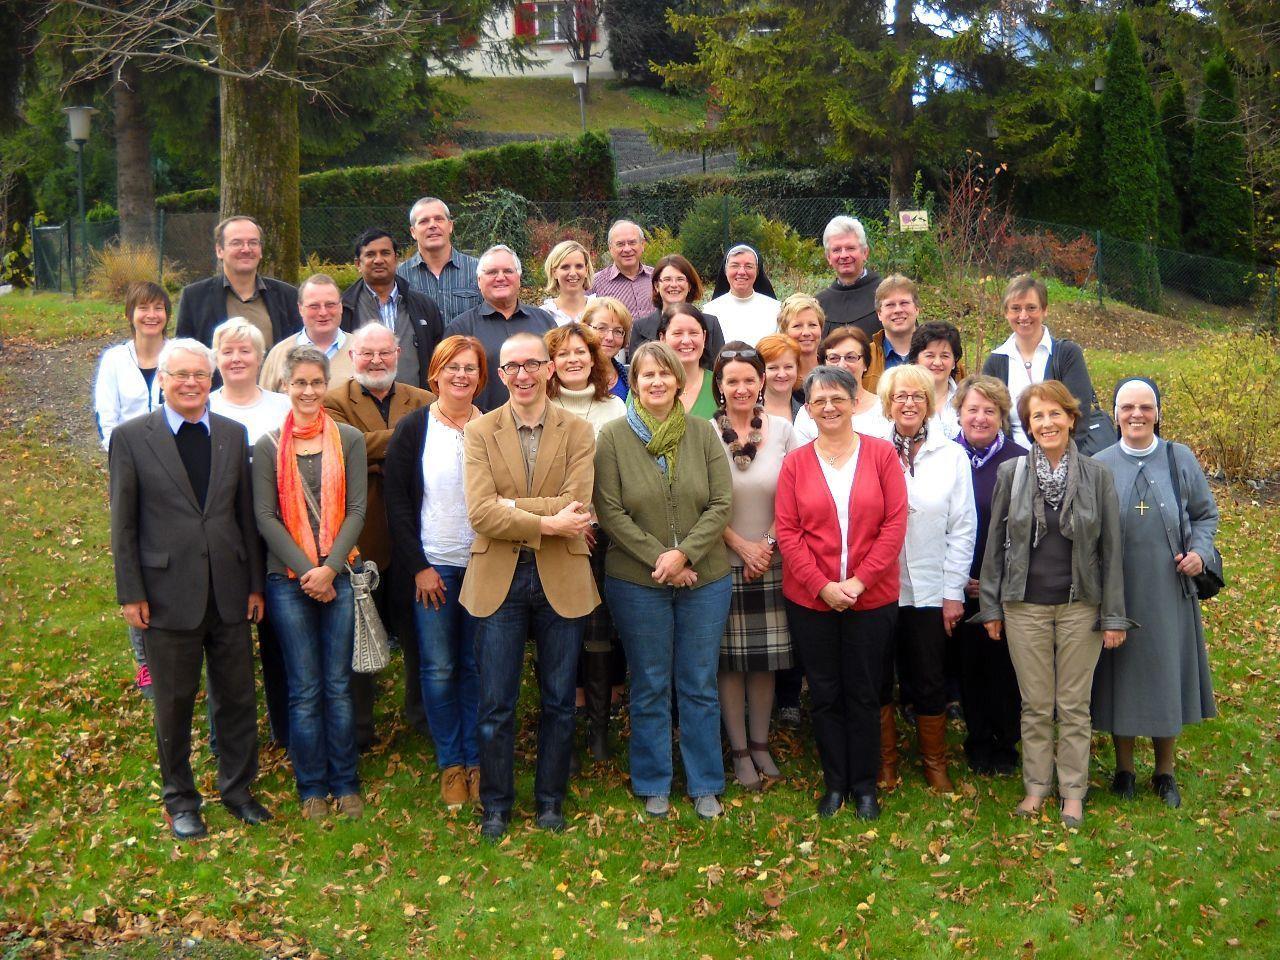 Seelsorger, Pfarrgemeinderäte/innen, Klostervertreter mit Pastoralamtsleiter Dr. Walter Schmolly